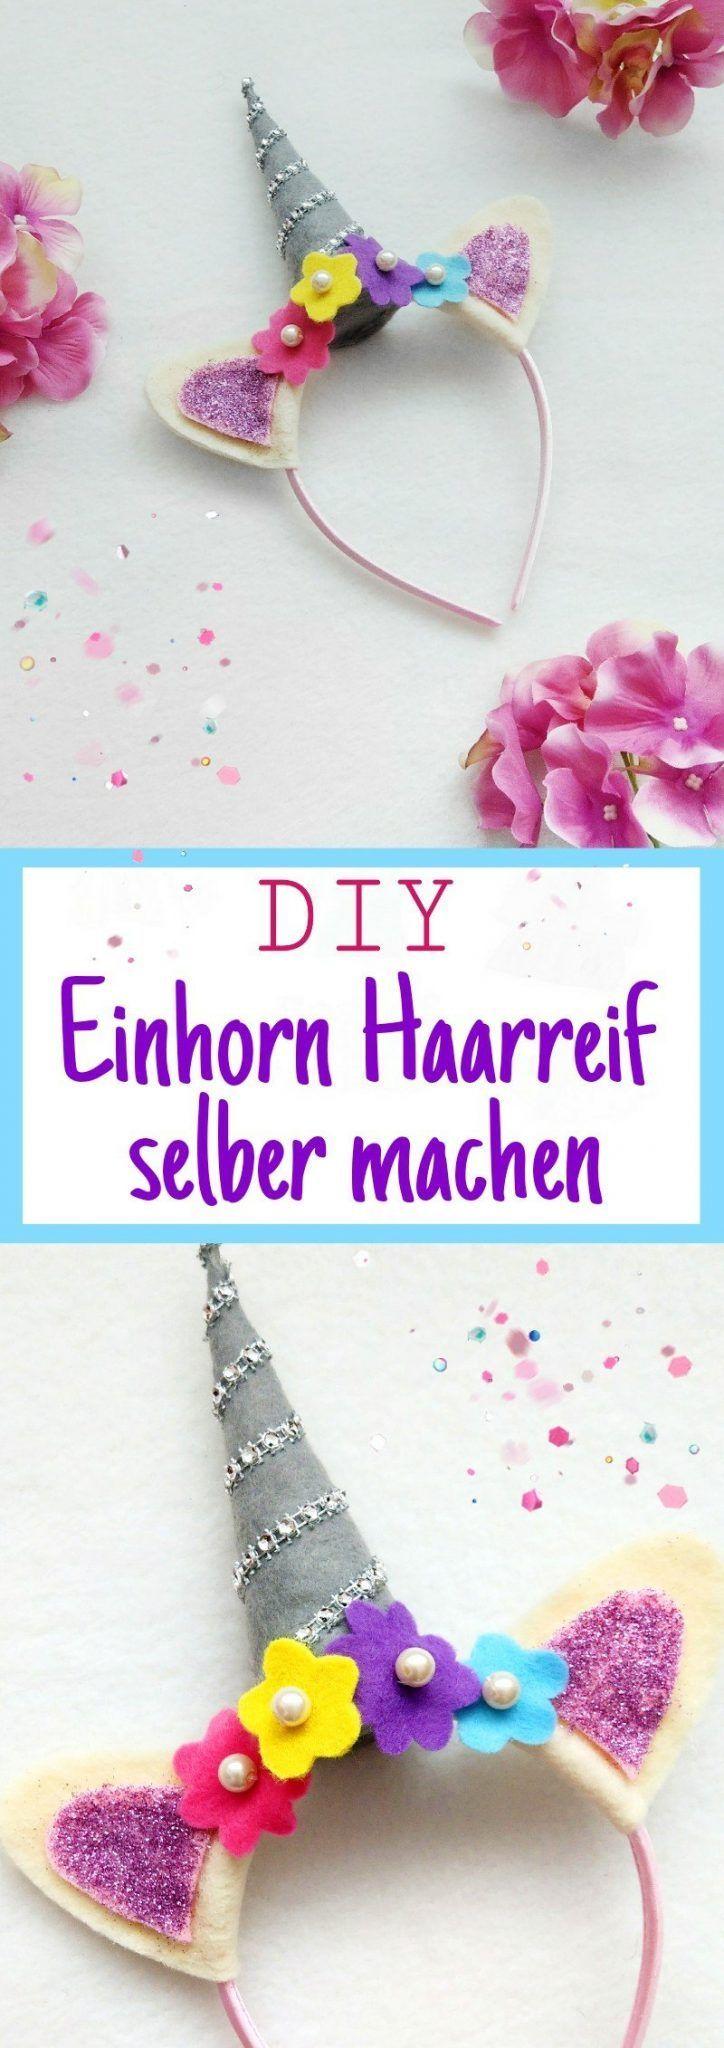 Einhorn Kostüm für Kinder selber machen – Teil 3 – DIY Einhorn Haarreif